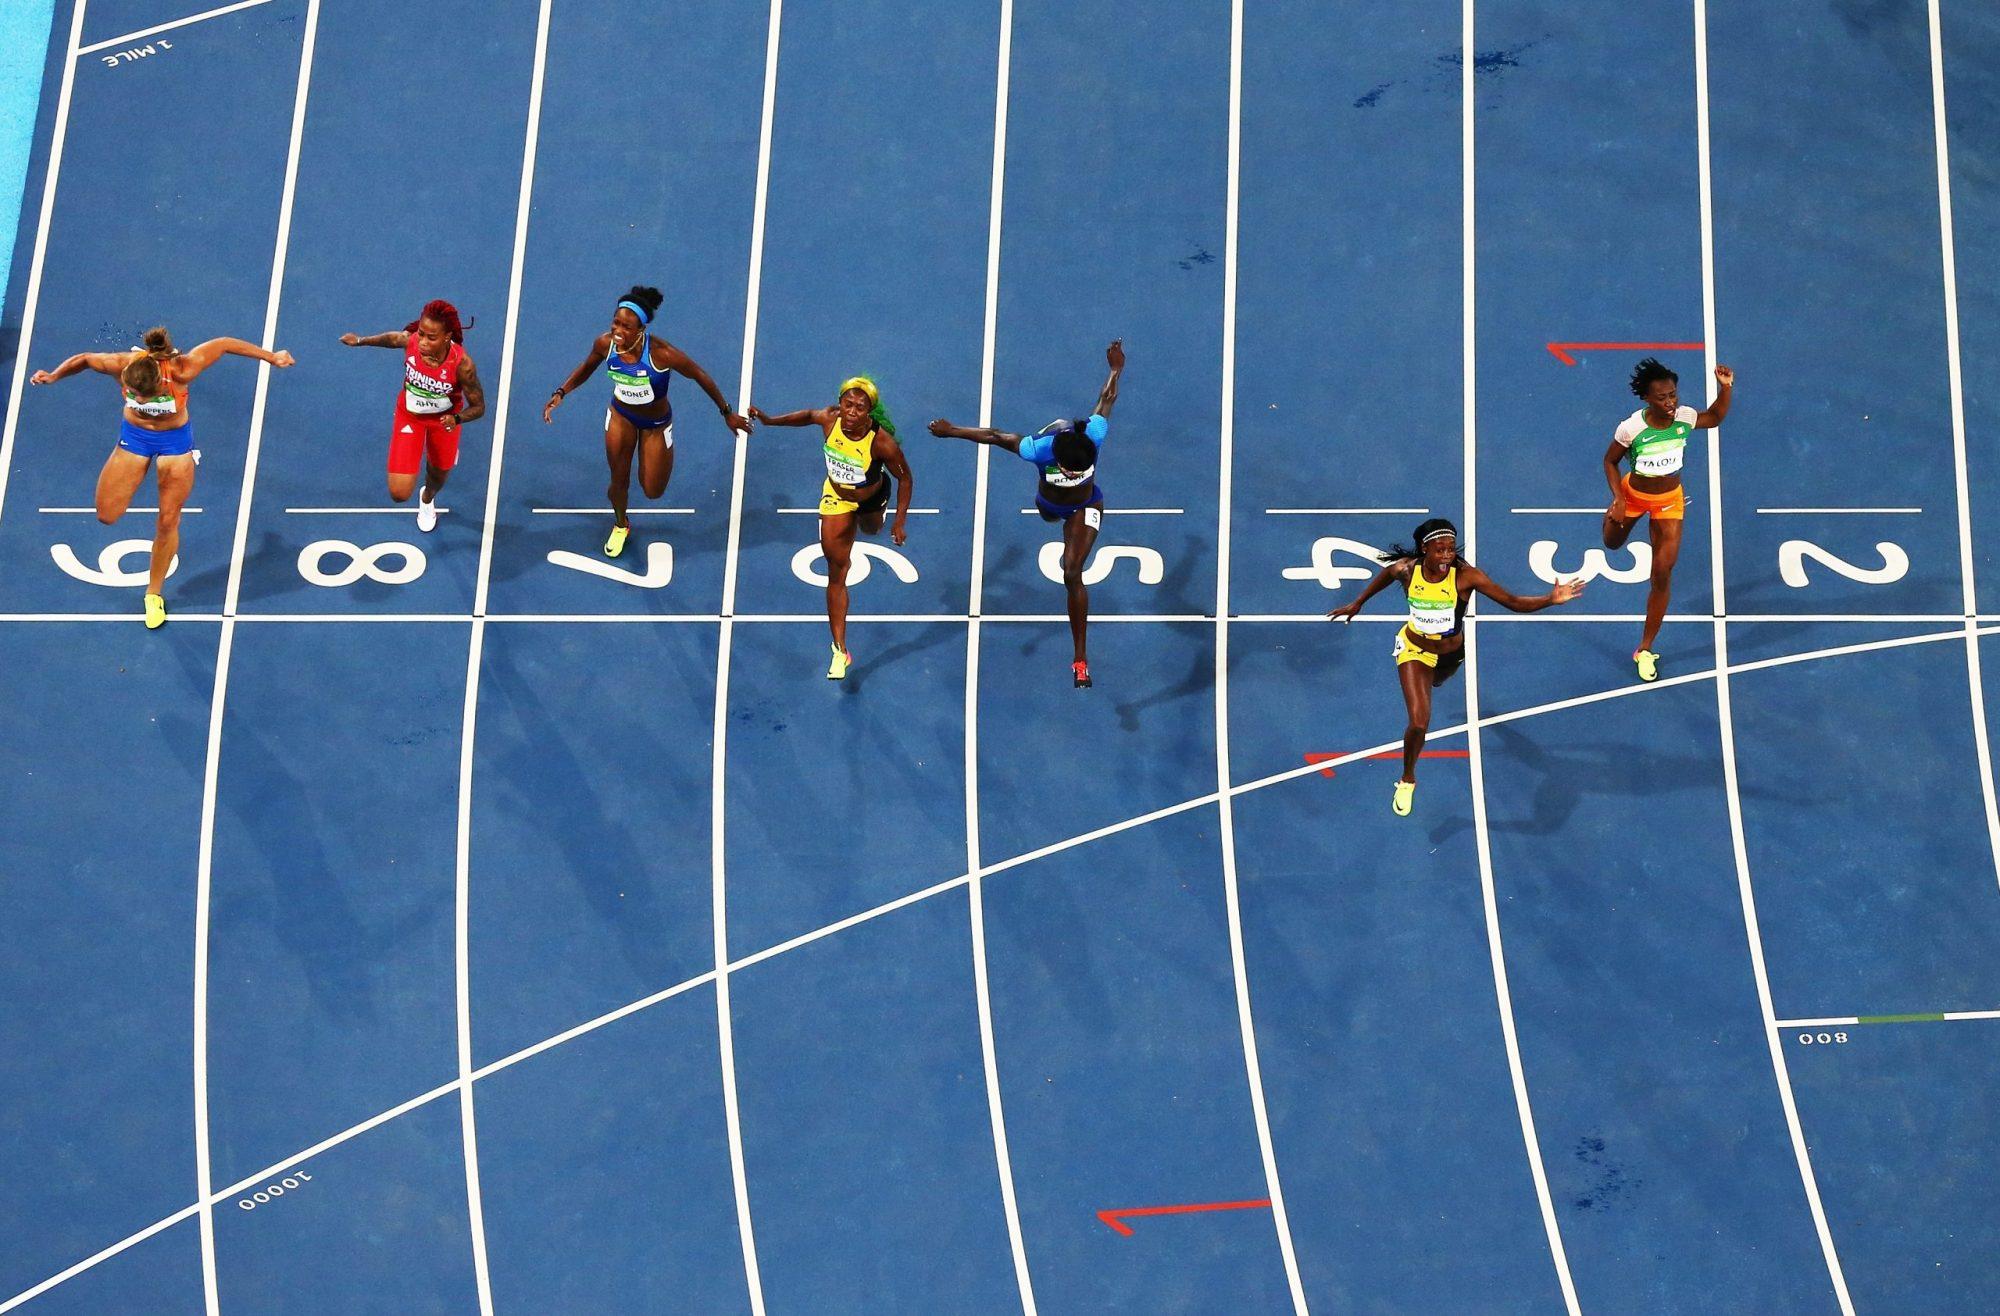 Des athlètes franchissent la ligne d'arrivée d'une course d'athlétisme.